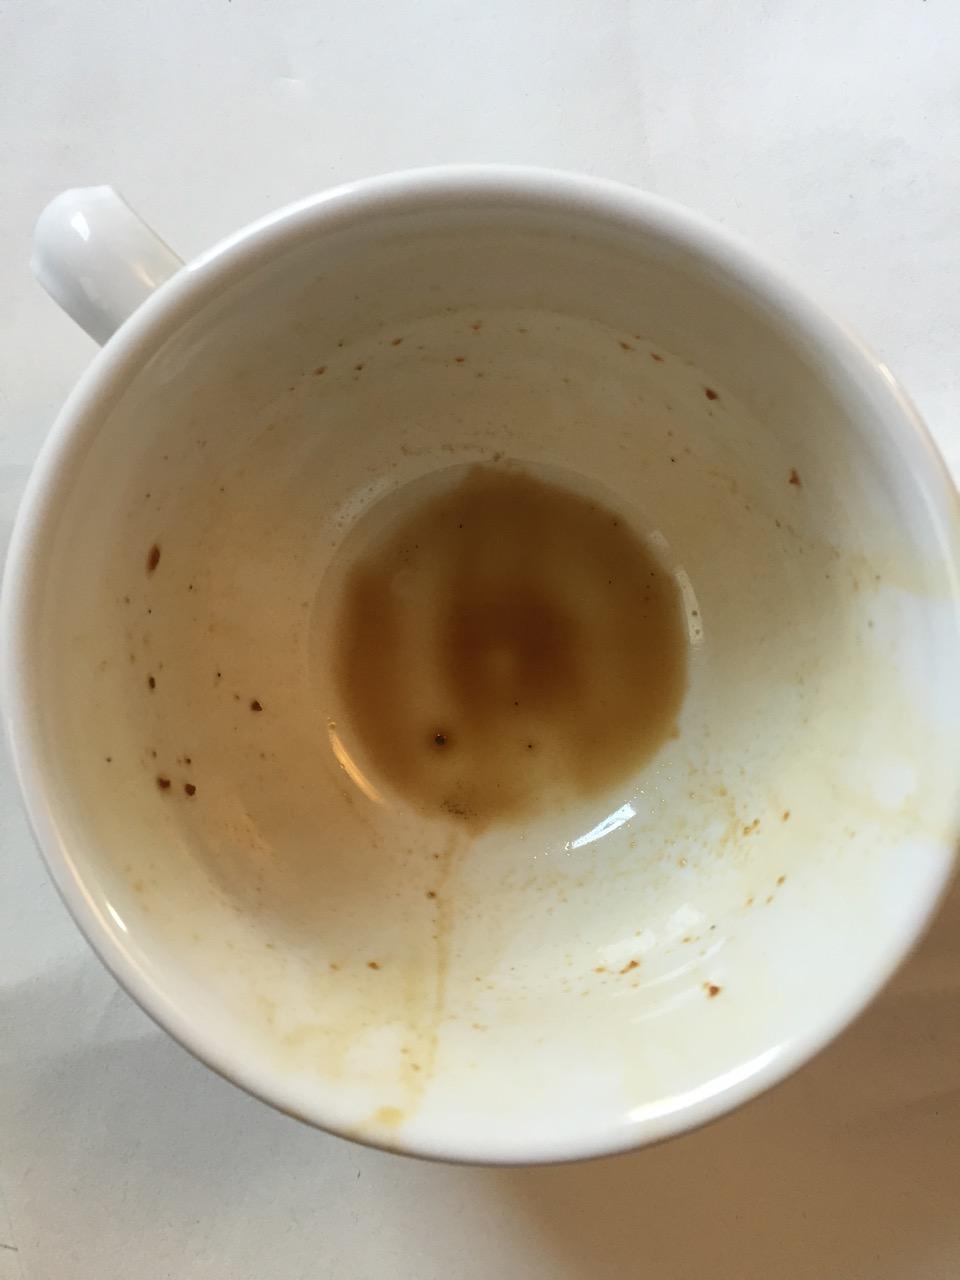 Kaffeeverkostung beendet